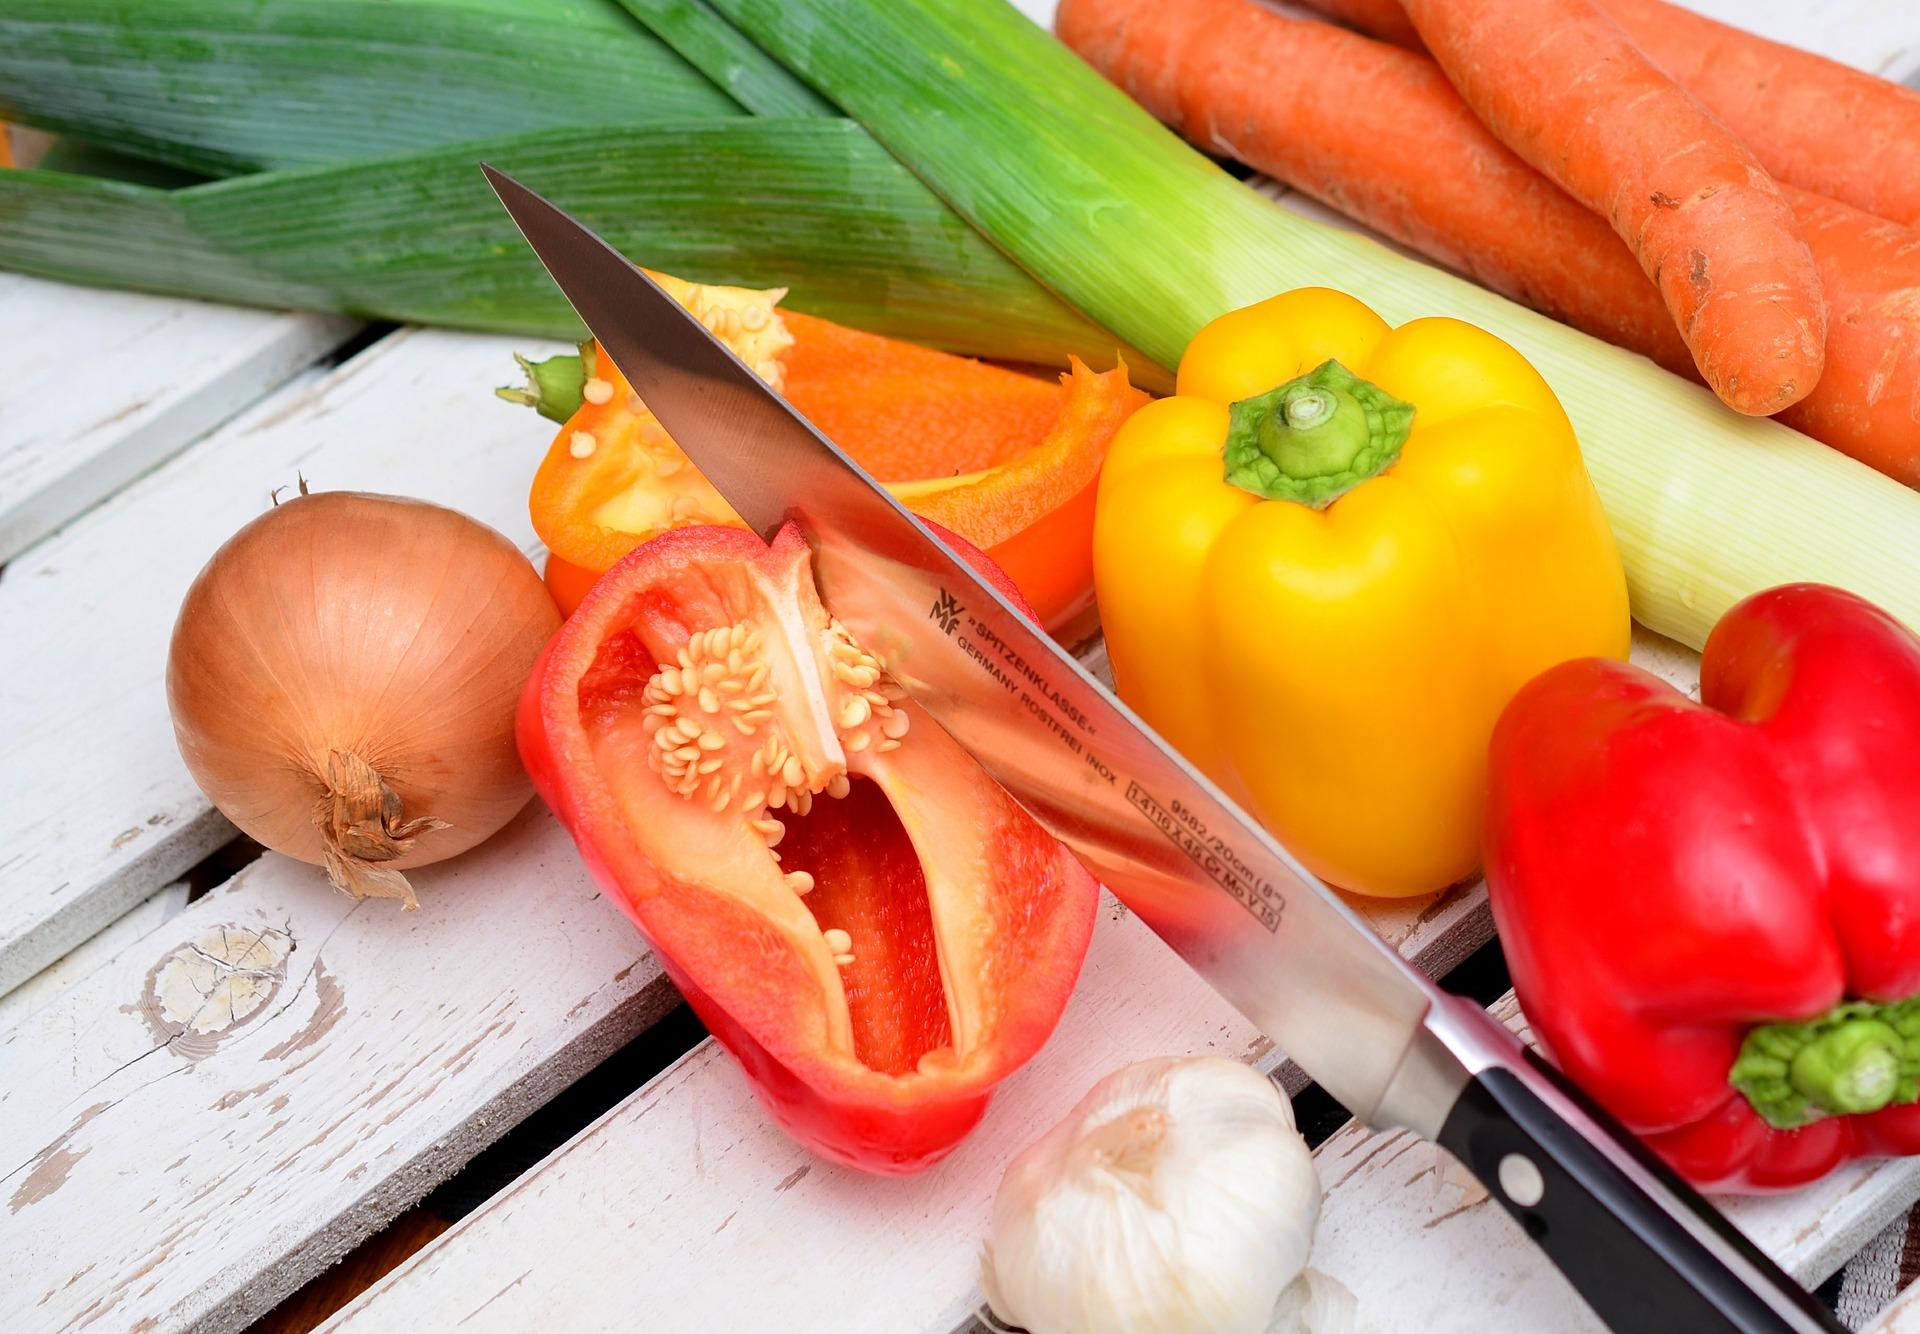 Minister Carola Schouten: Betreurenswaardig dat supermarkten goed fruit en groenten afkeuren.